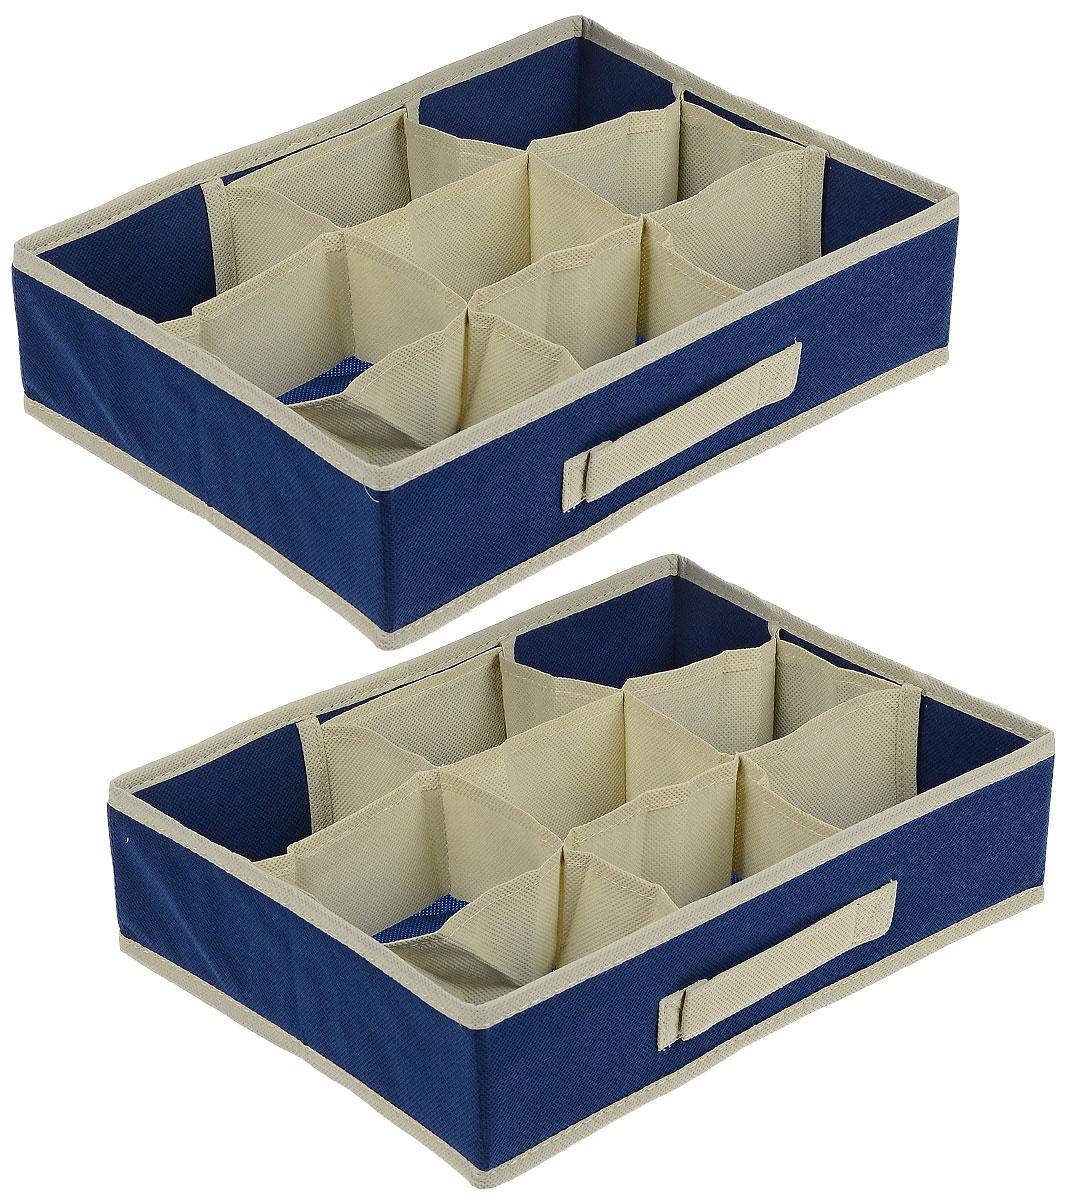 Чехол-коробка для одежды Cosatto Voila, цвет: синий, бежевый, 9 отделений, 2 штС12667Чехол-коробка Cosatto Voila поможет легко и красиво организовать пространство в кладовой, спальне или гардеробе. Изделие выполнено из дышащего нетканого материала (полипропилен). Практичный и долговечный чехол оснащен 9 отделениями для более экономичного использования пространства шкафов и комодов. Нижнее белье, купальники, ремни и прочие мелкие предметы будут всегда находиться на своем месте. Прочность каркаса обеспечивается наличием плотных листов картона.Складная конструкция обеспечивает компактное хранение.Размер отделения: 13 х 9 х 9 см.Размер чехла-коробки: 35 х 27 х 9 см.